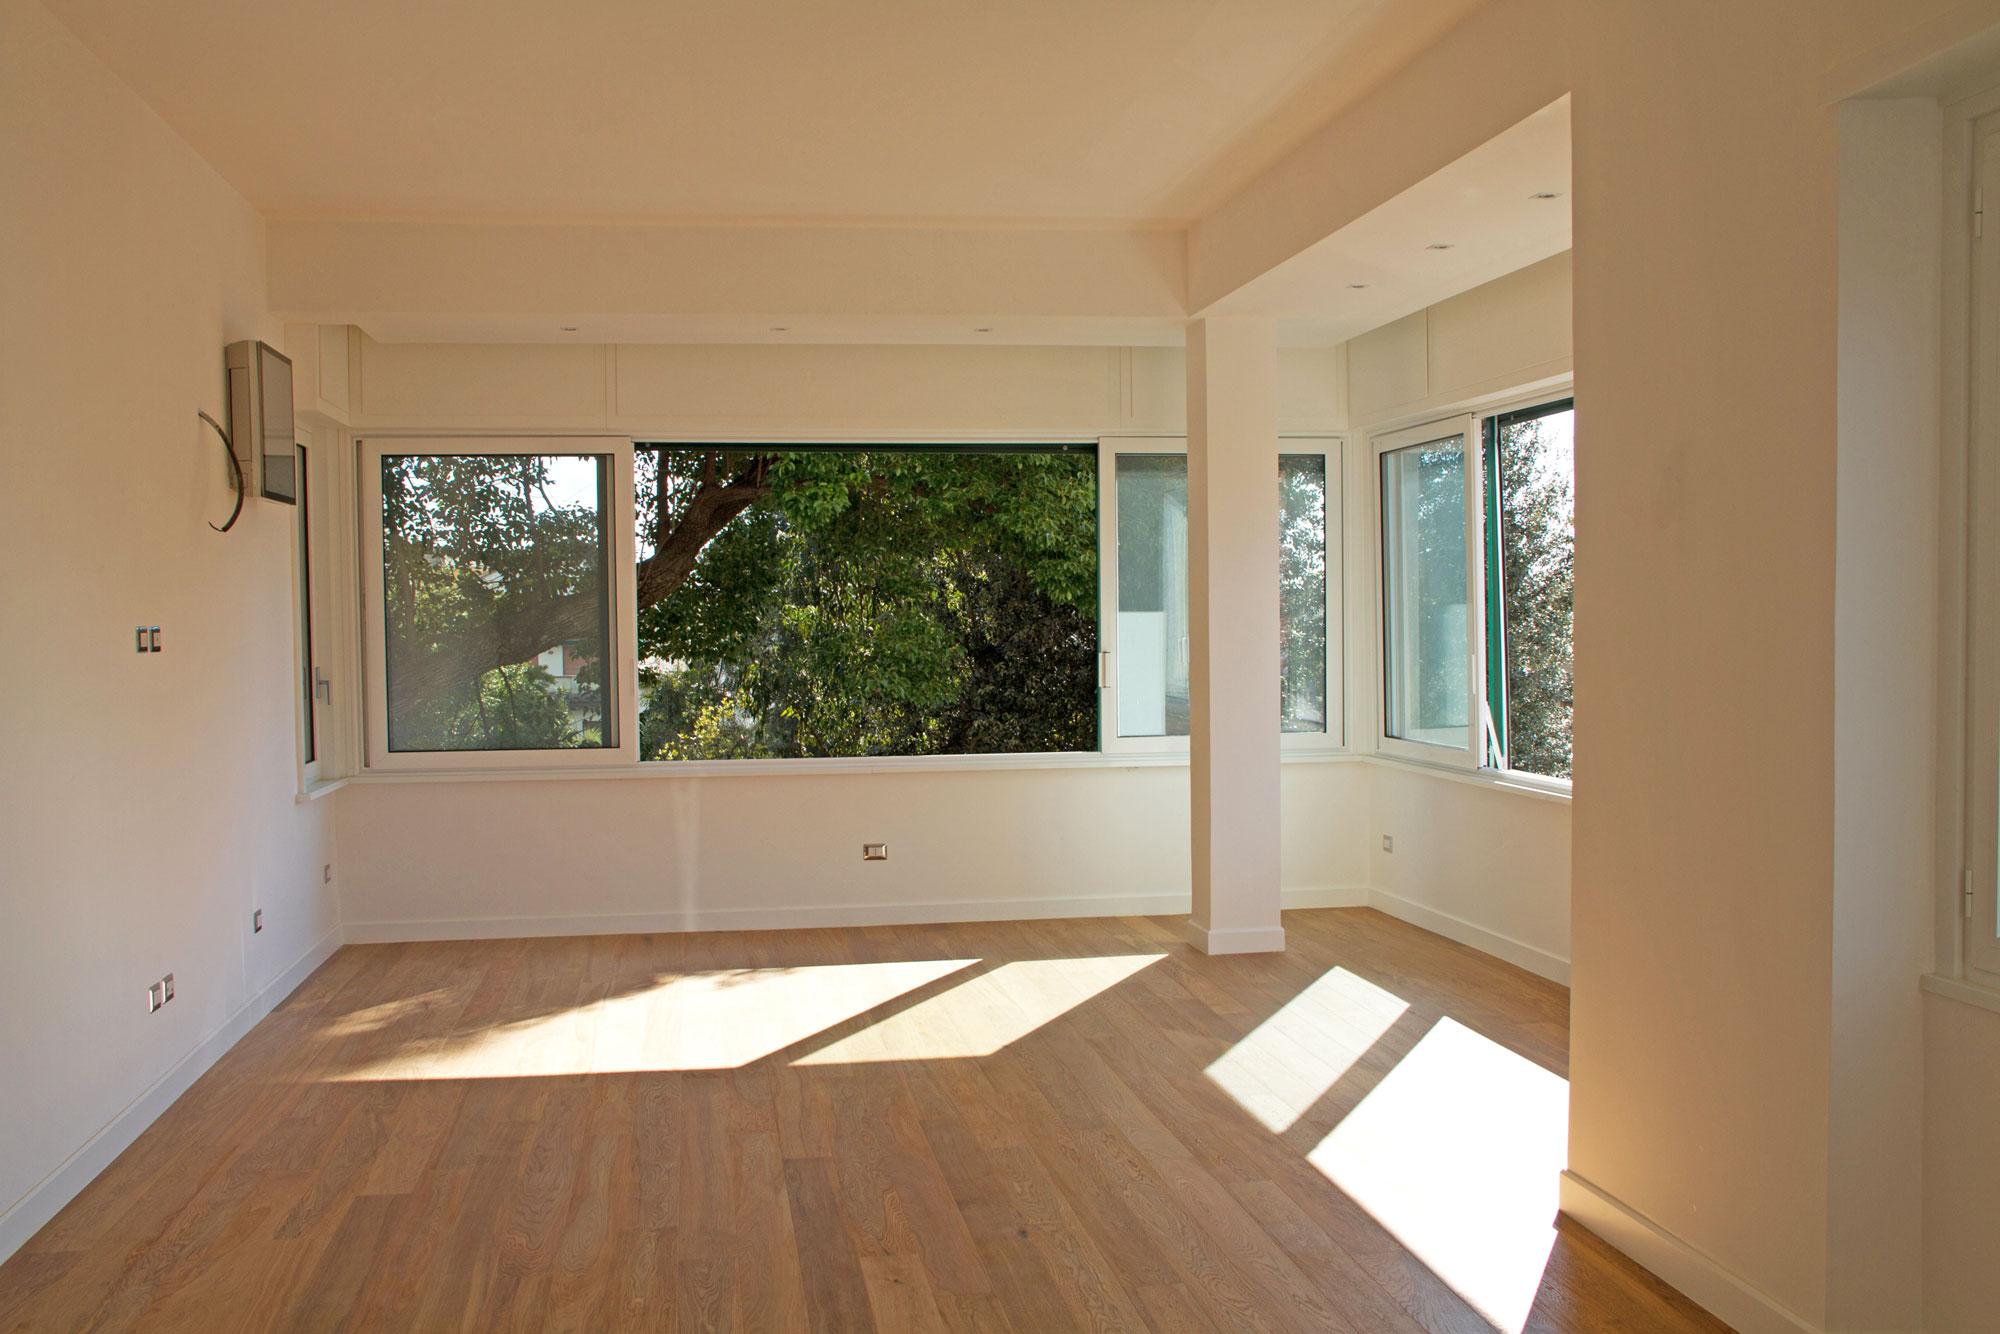 Interni-Soggiorno-pranzo-appartamento-A   Immobiliare Marrè